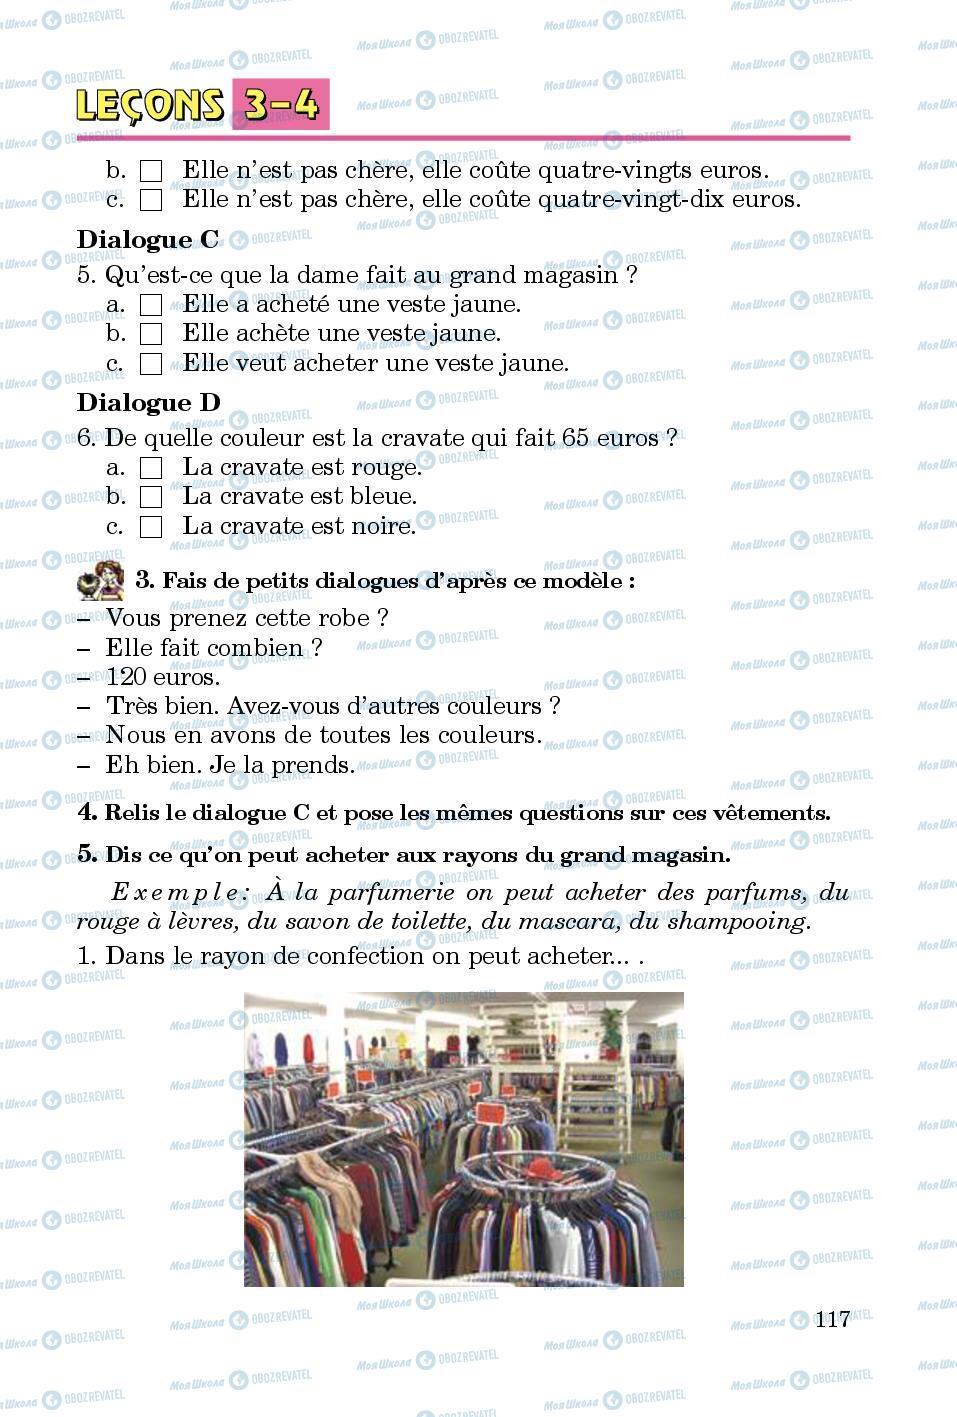 Підручники Французька мова 5 клас сторінка 117